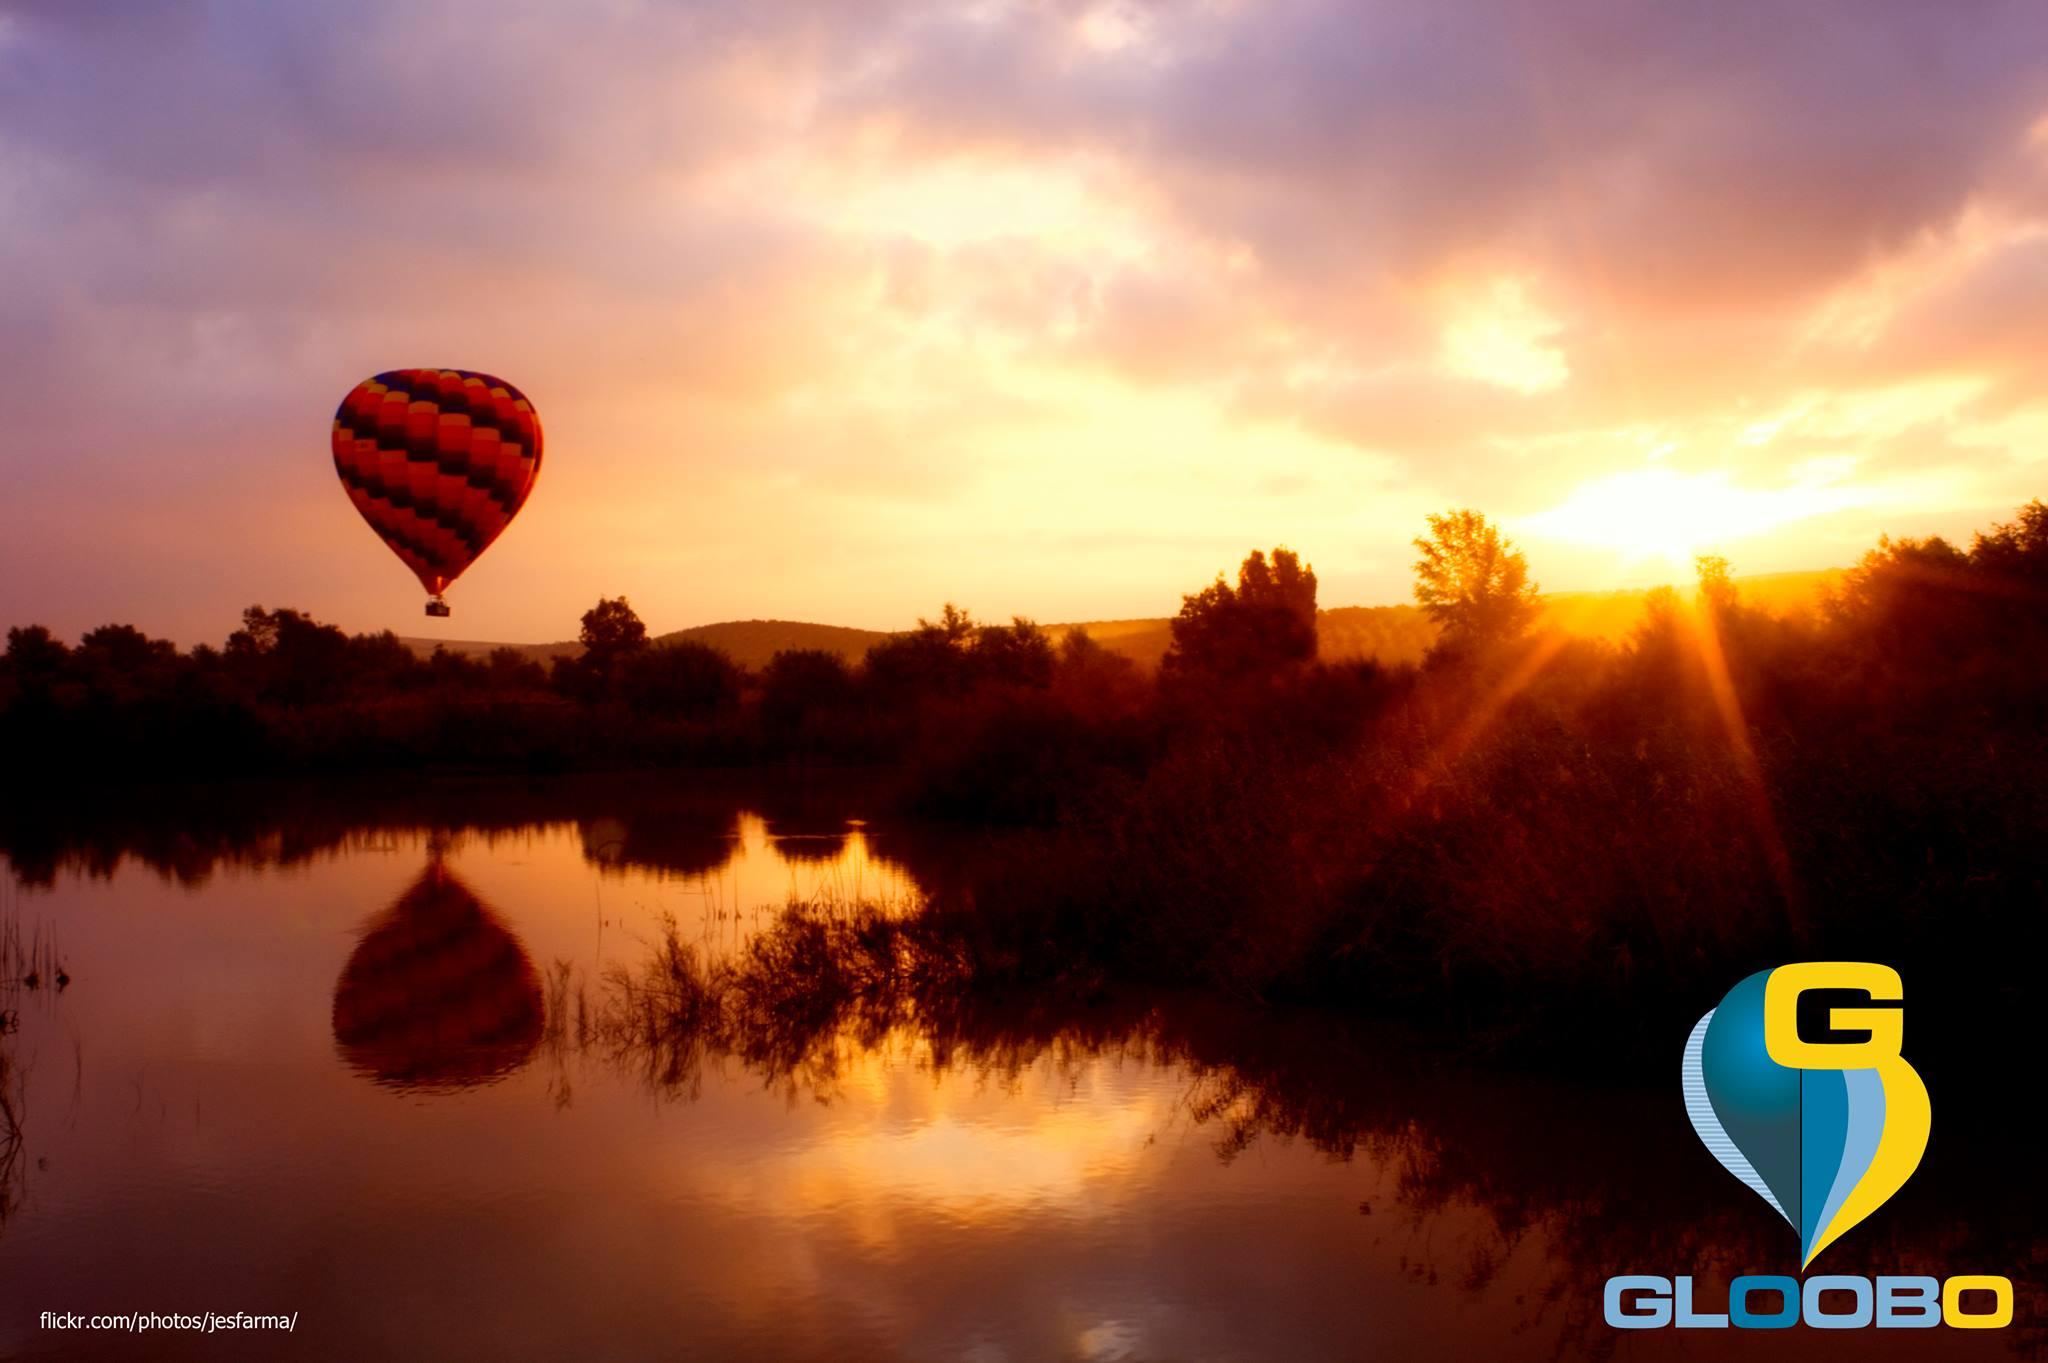 Aventura en globo aerostático en la provincia de Sevilla